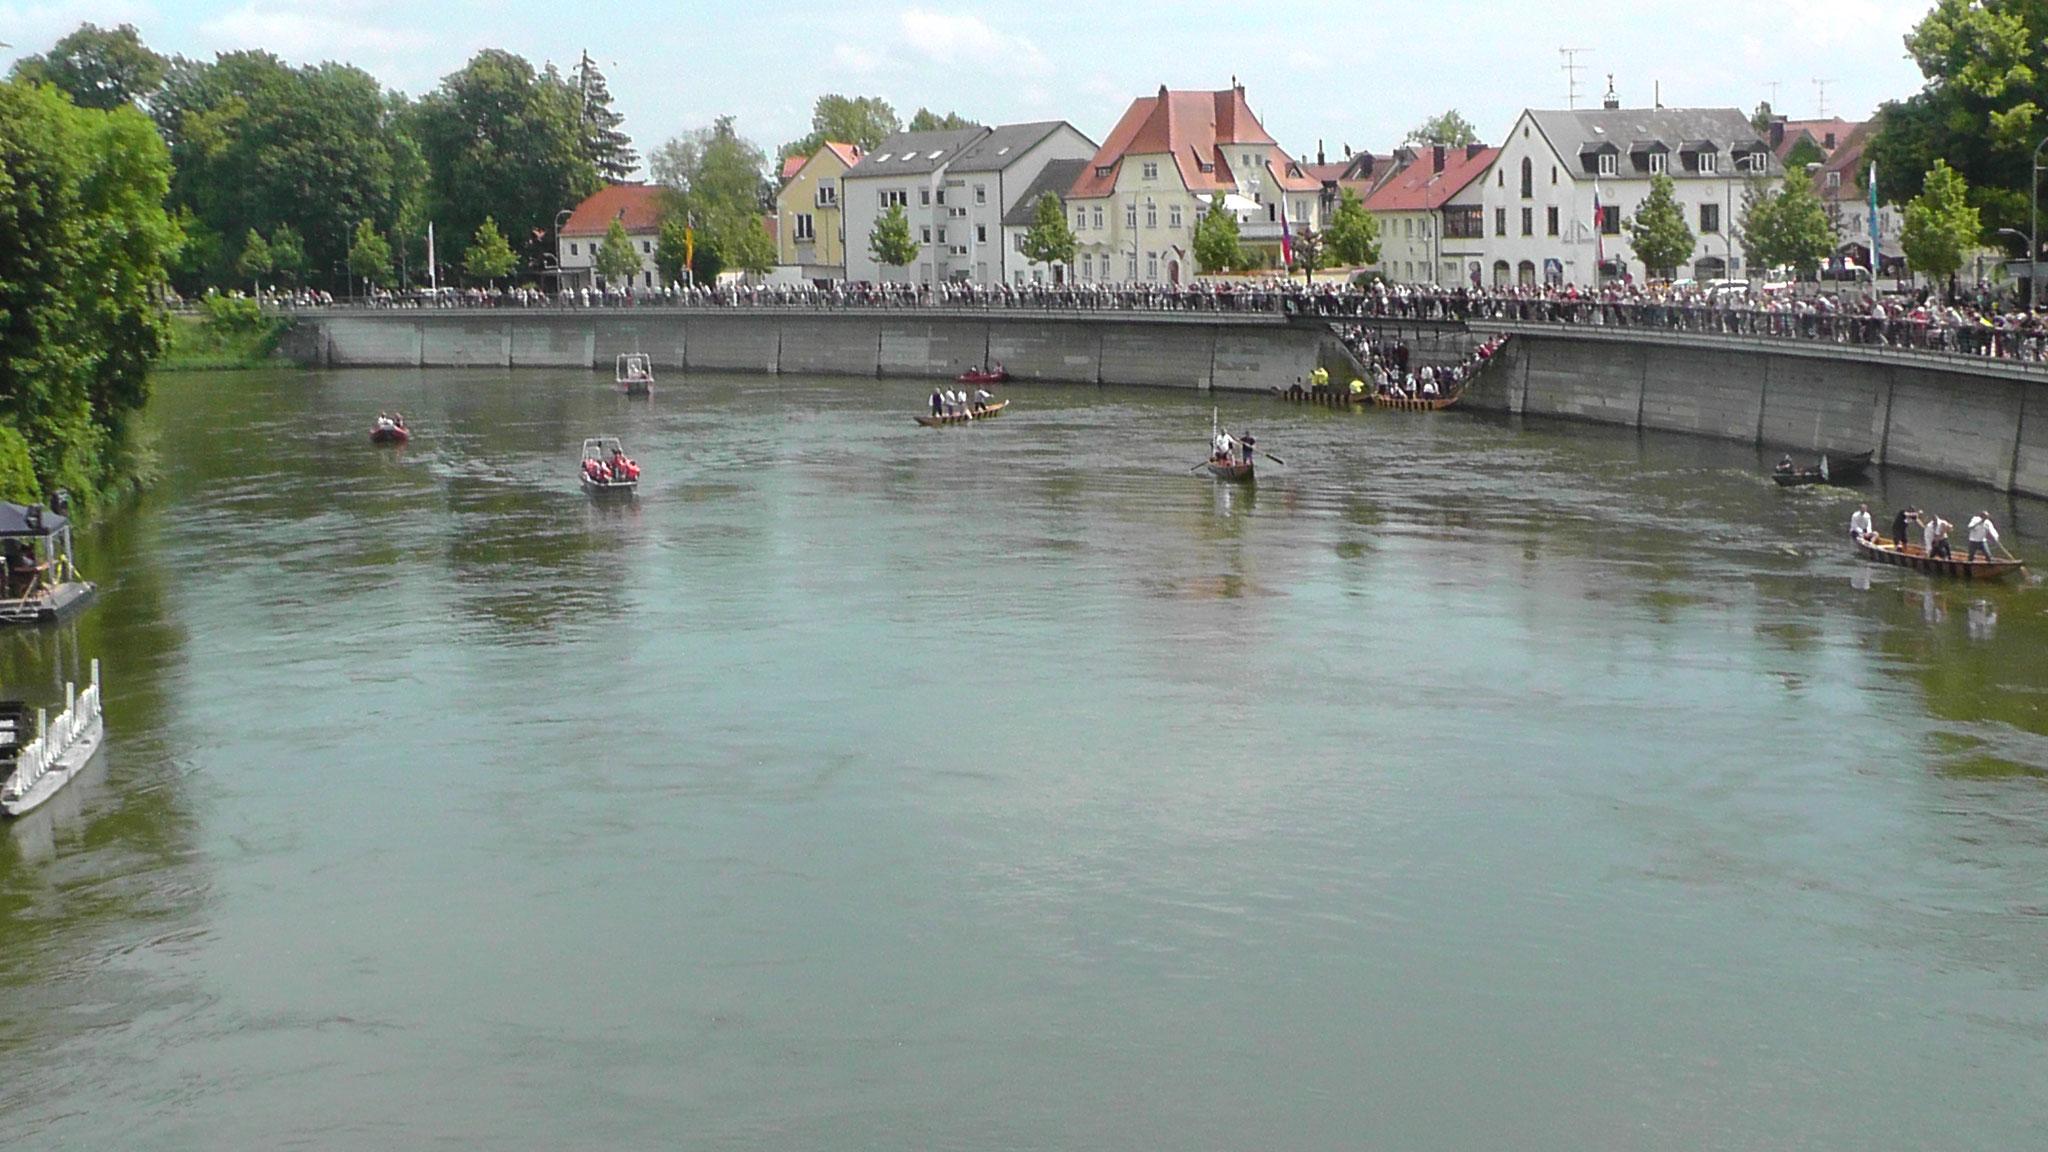 Fischergasslerfest